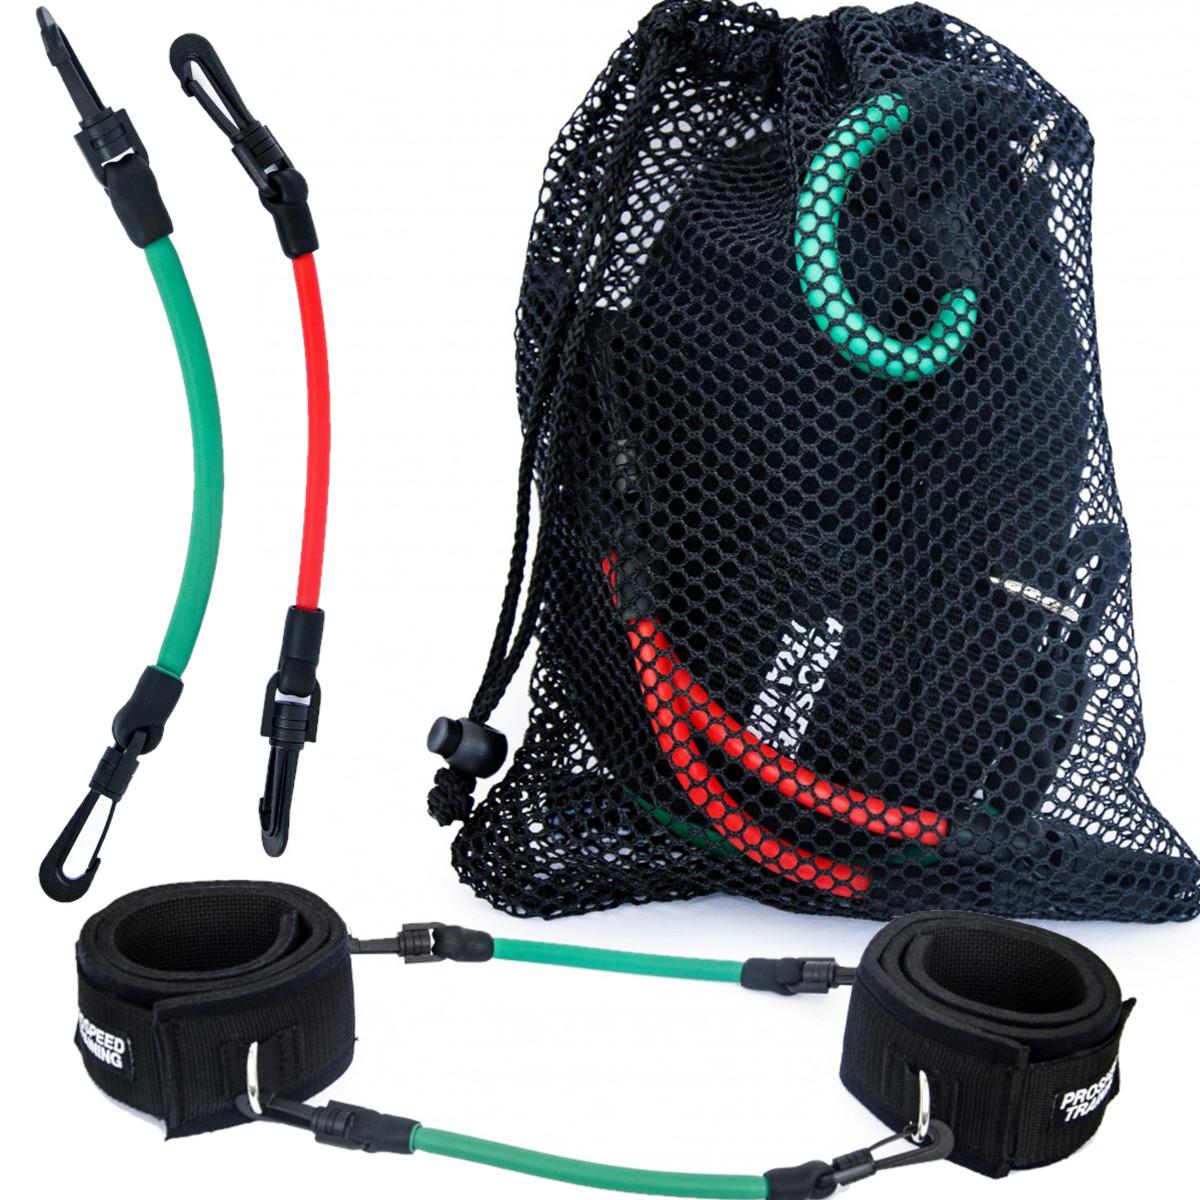 Комплект спортивных эспандеров в мешке Kbands ProSpeed Training